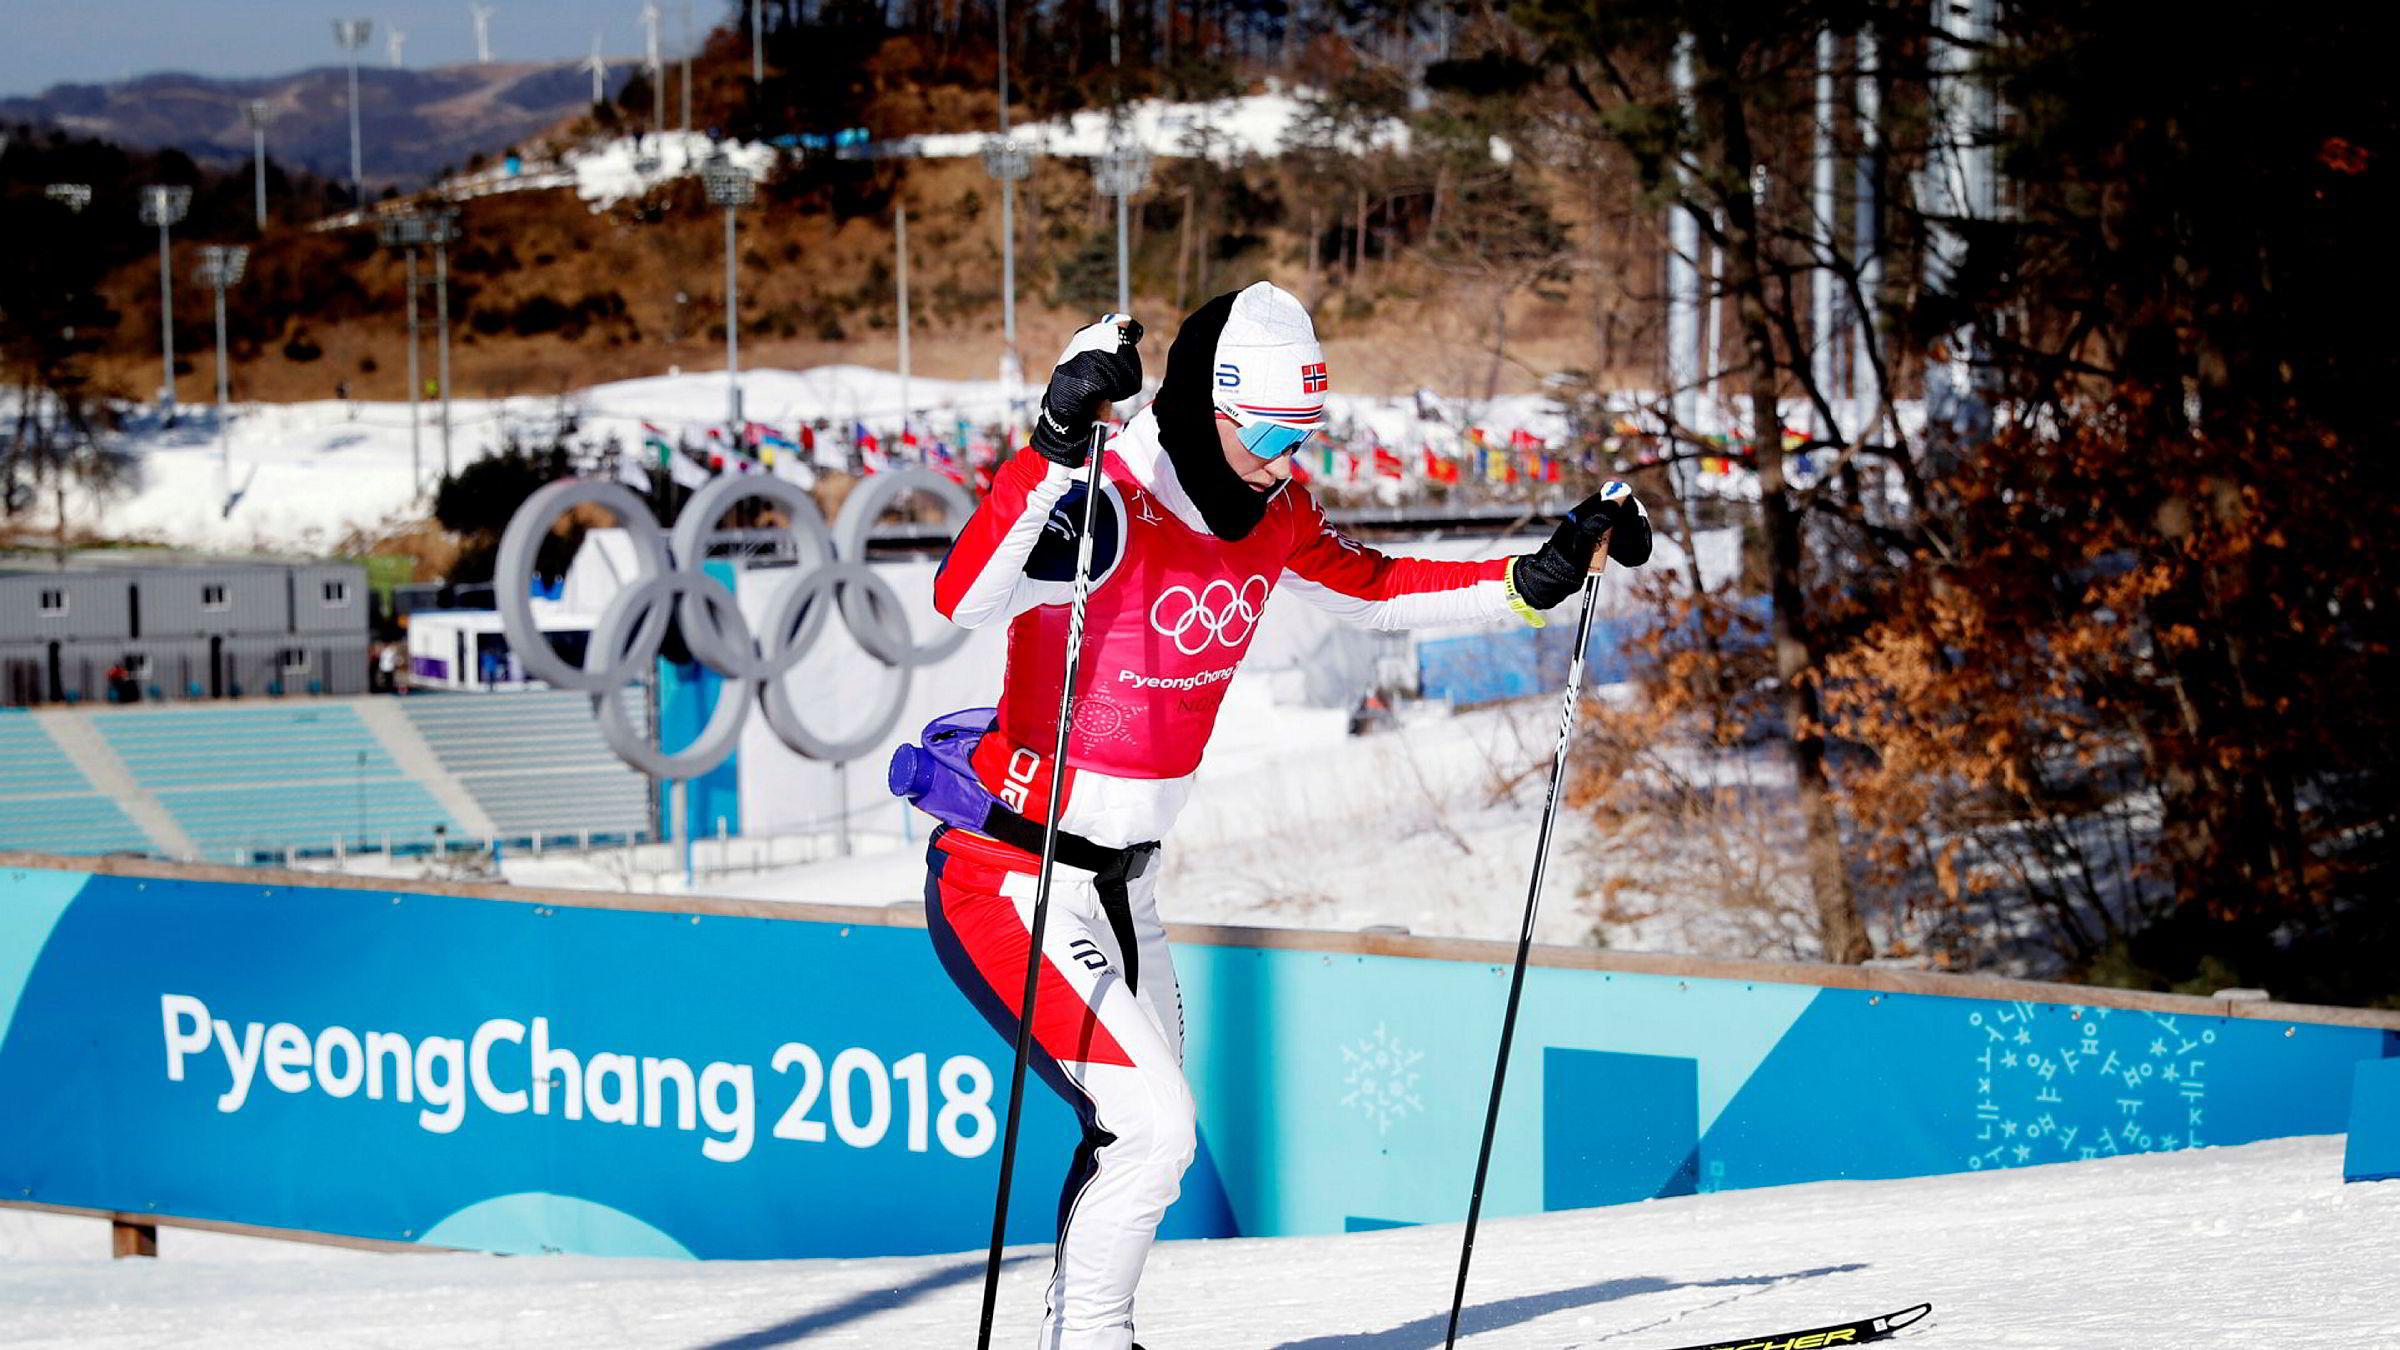 Marit Bjørgen under trening på langrennsstadion i Alpensia onsdag, der langrennsøvelsene arrangeres under OL i Pyeongchang. Landslagssjefen karakteriserer løypenettet som «ikke direkte krevende». Imidlertid har det vært svært kaldt i Sør-Korea de siste dagene.